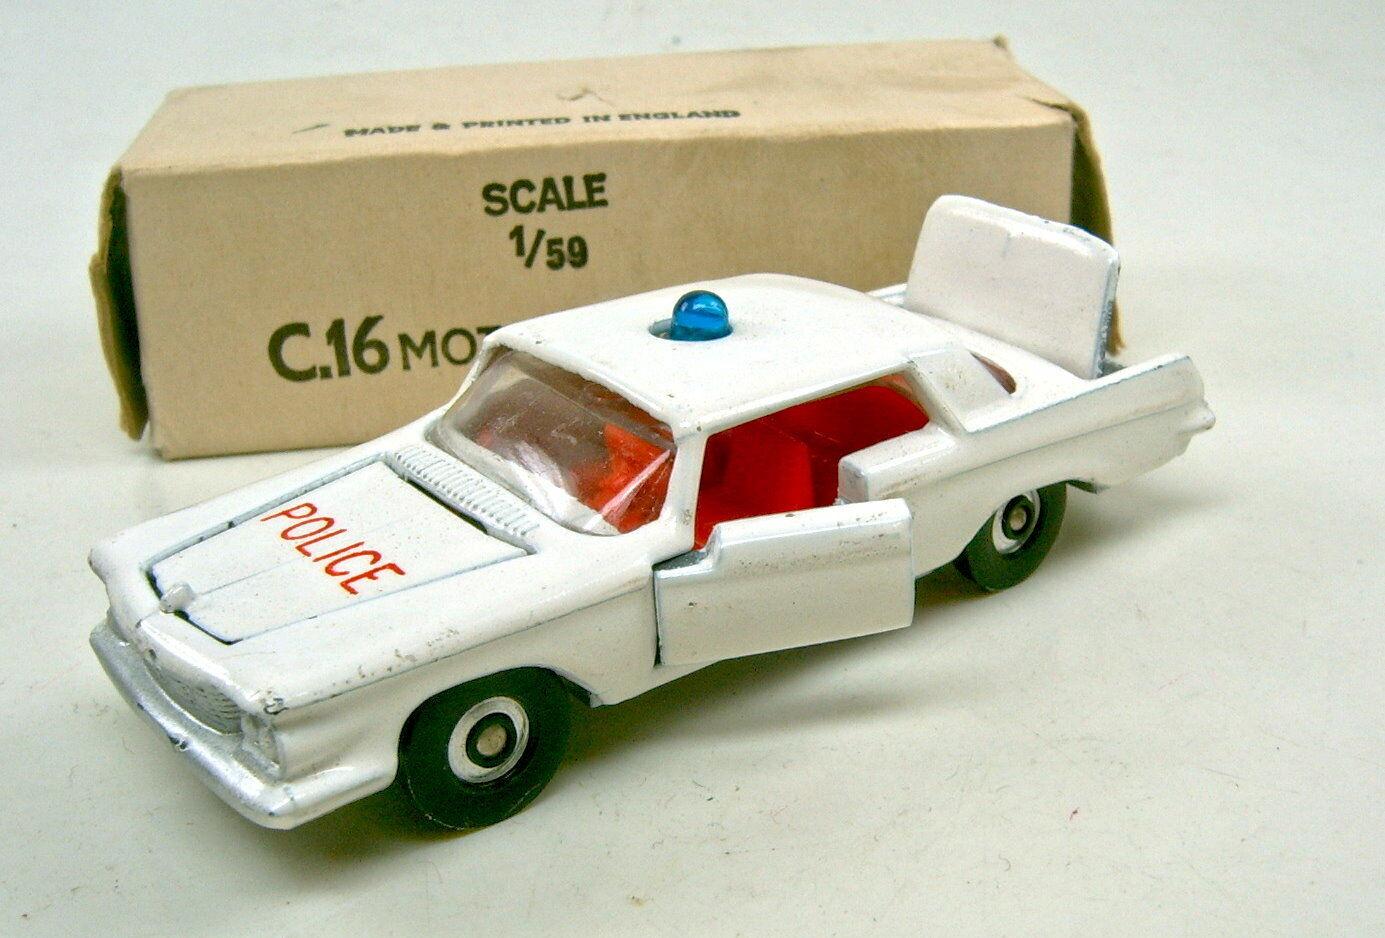 descuento Lone Estrella Impy nº 16 Chrysler Imperial blancoo    motorway Police  top en Box  calidad de primera clase